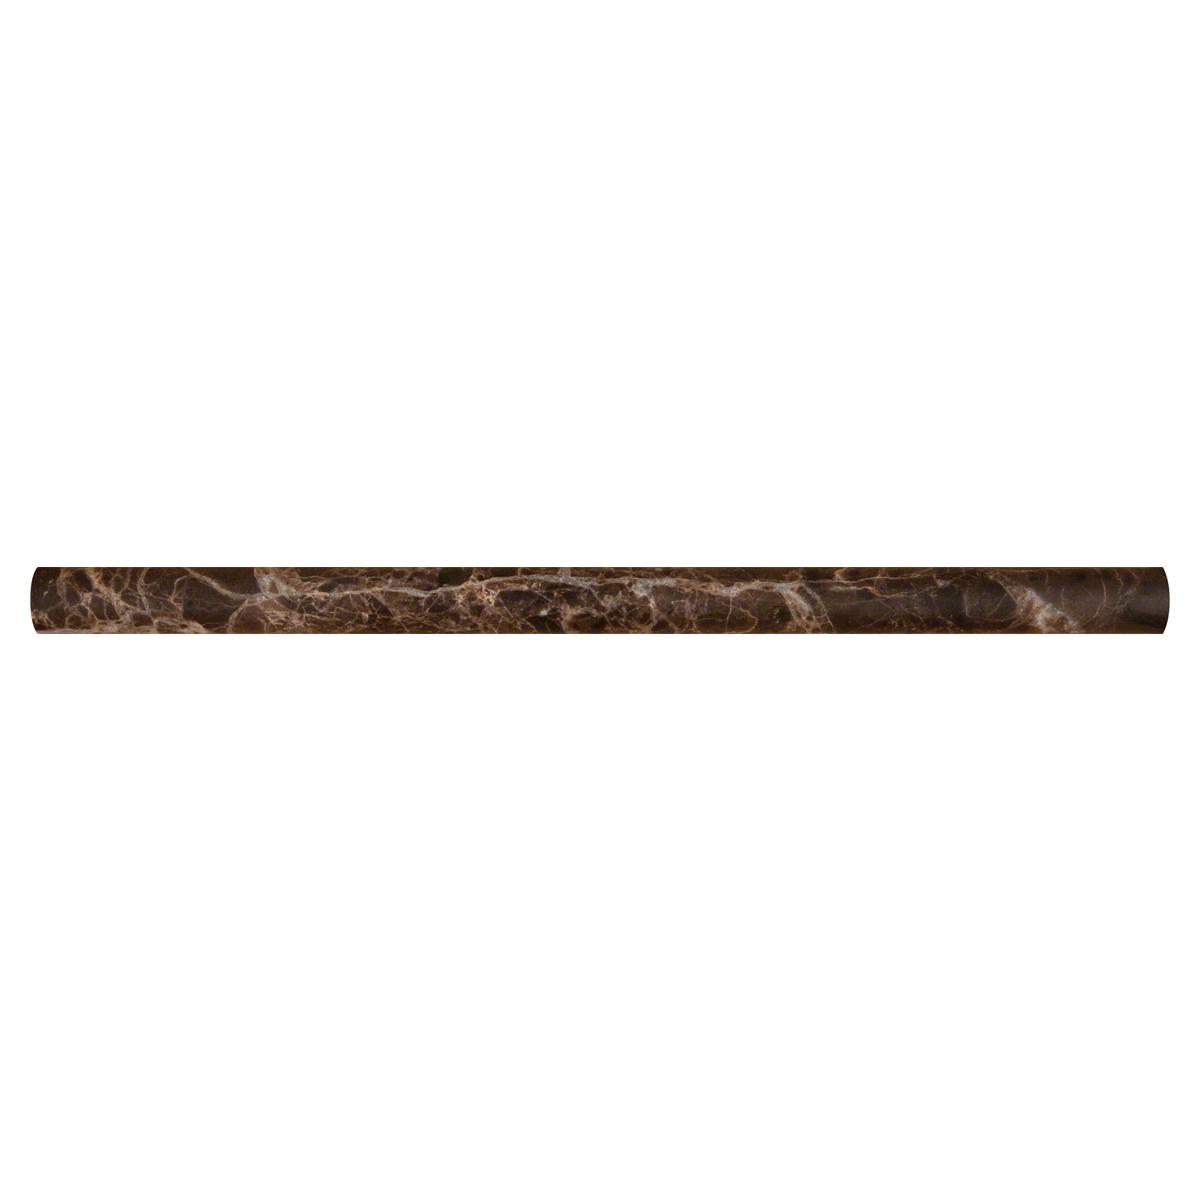 Emperador Dark Pencil 3/4X3/4X12 Honed